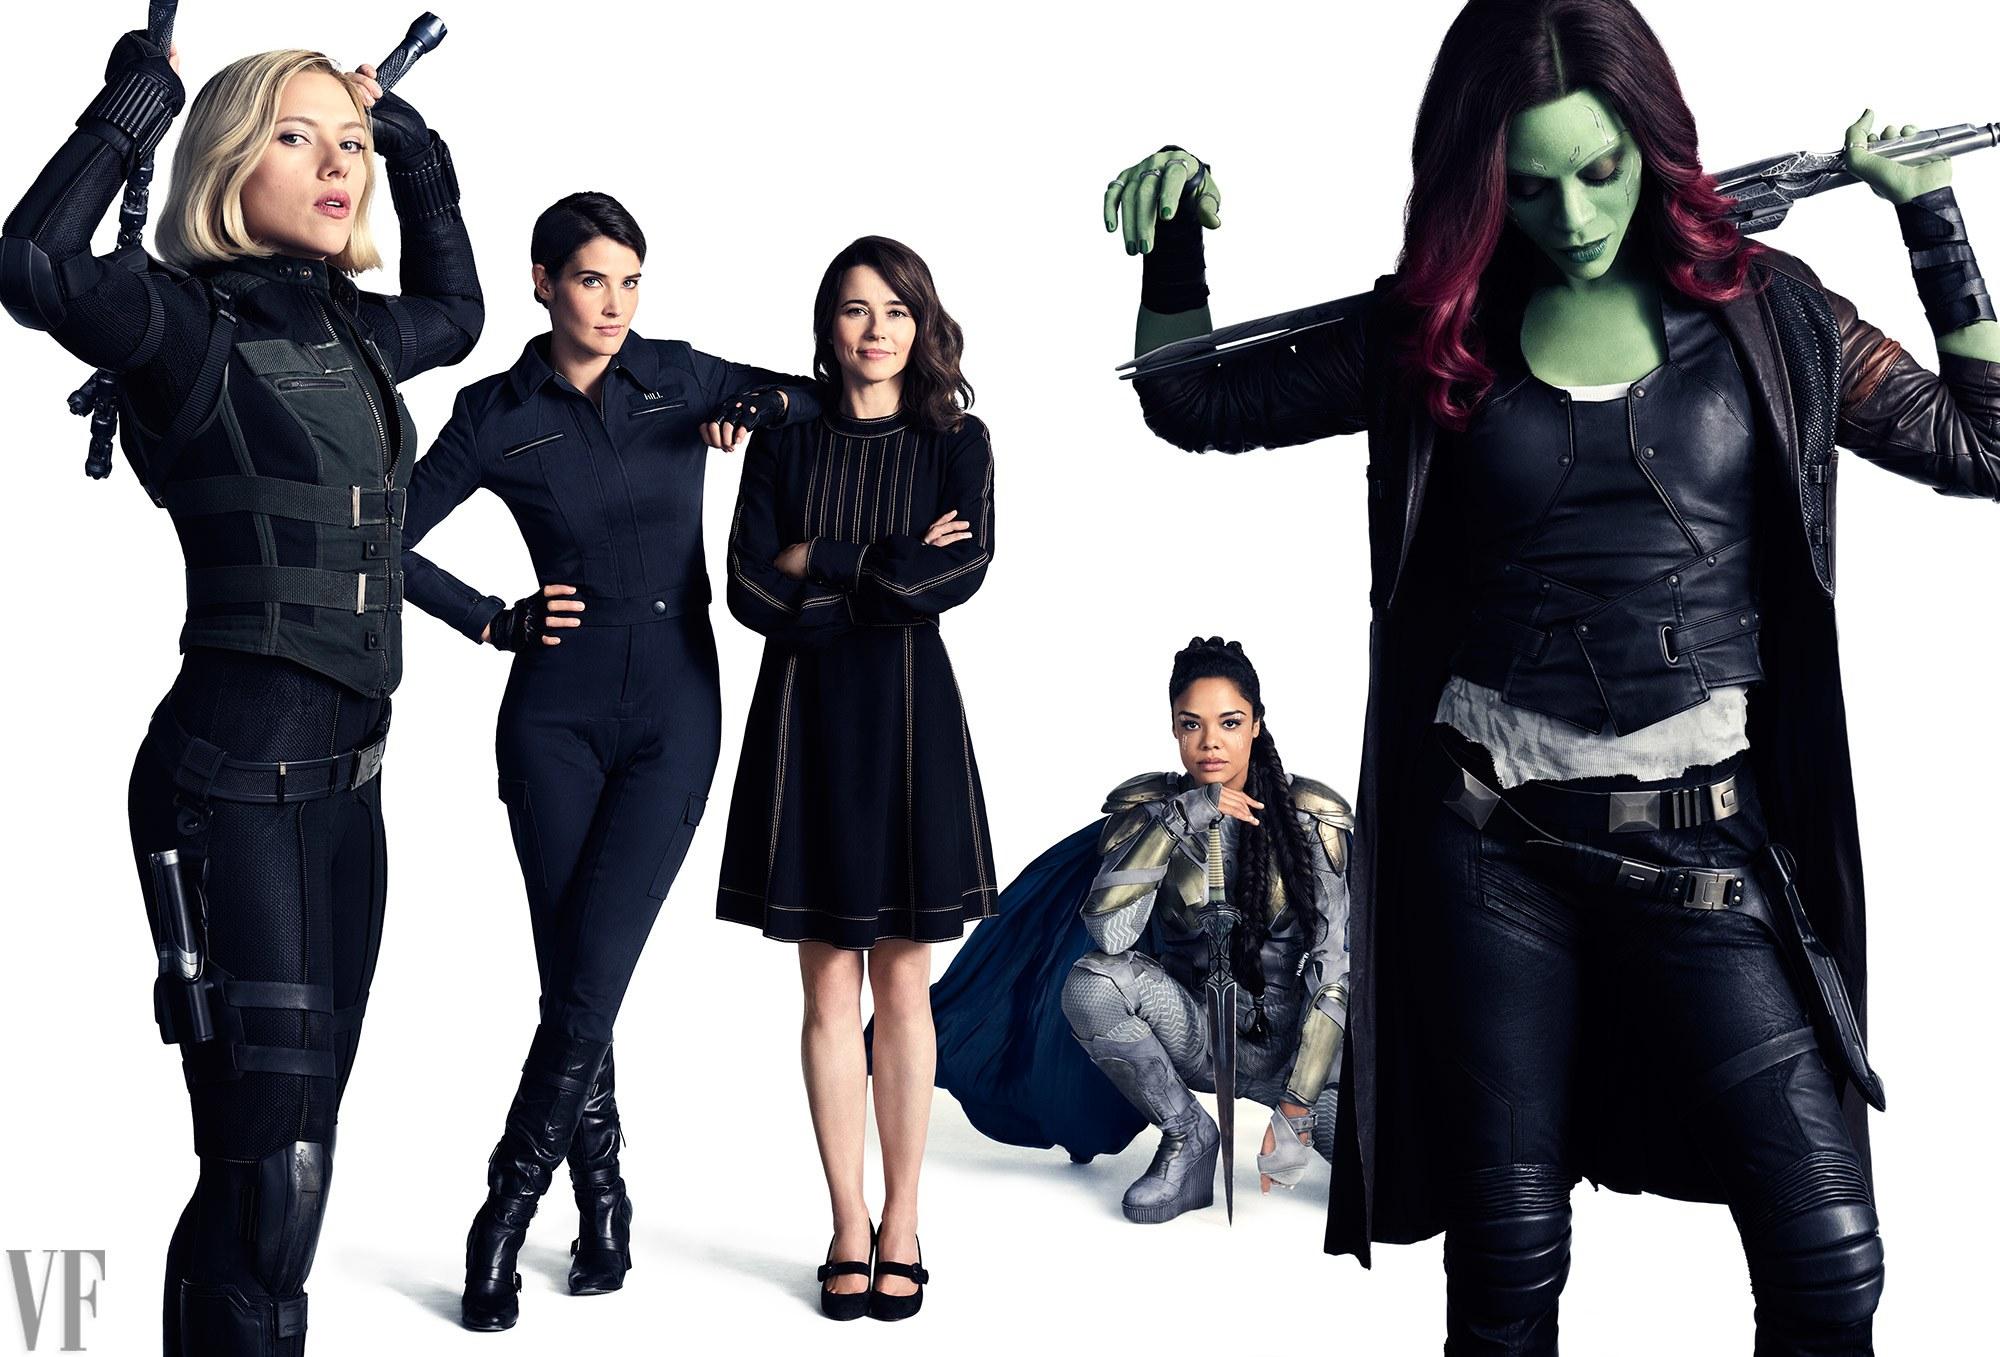 Scarlett Johansson, mint Fekete Özvegy, Cobie Smulders, mint Maria Hill, Linda Cardellini, mint Laura Barton, Tessa Thompson, mint Valkűr és Zoe Saldana, mint Gamora